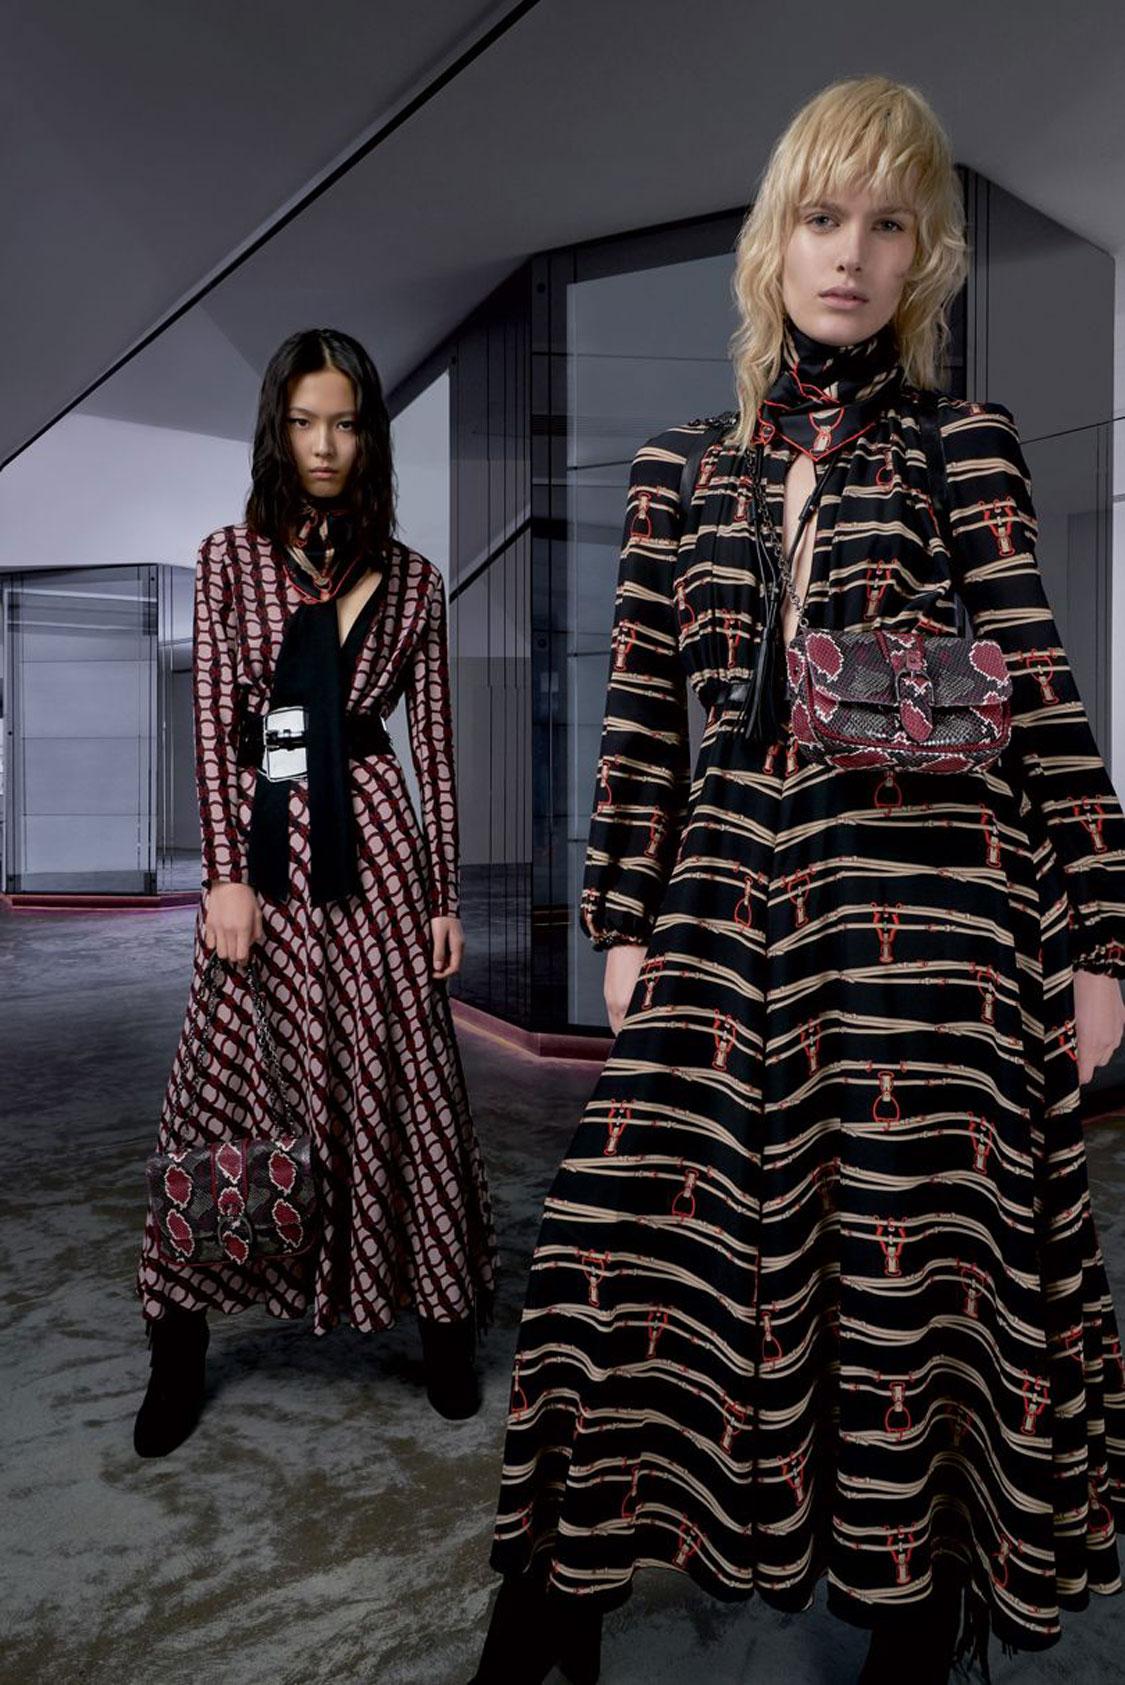 Peragaan Busana Pertama oleh Longchamp  Akan Digelar di New York Fashion Week 2018